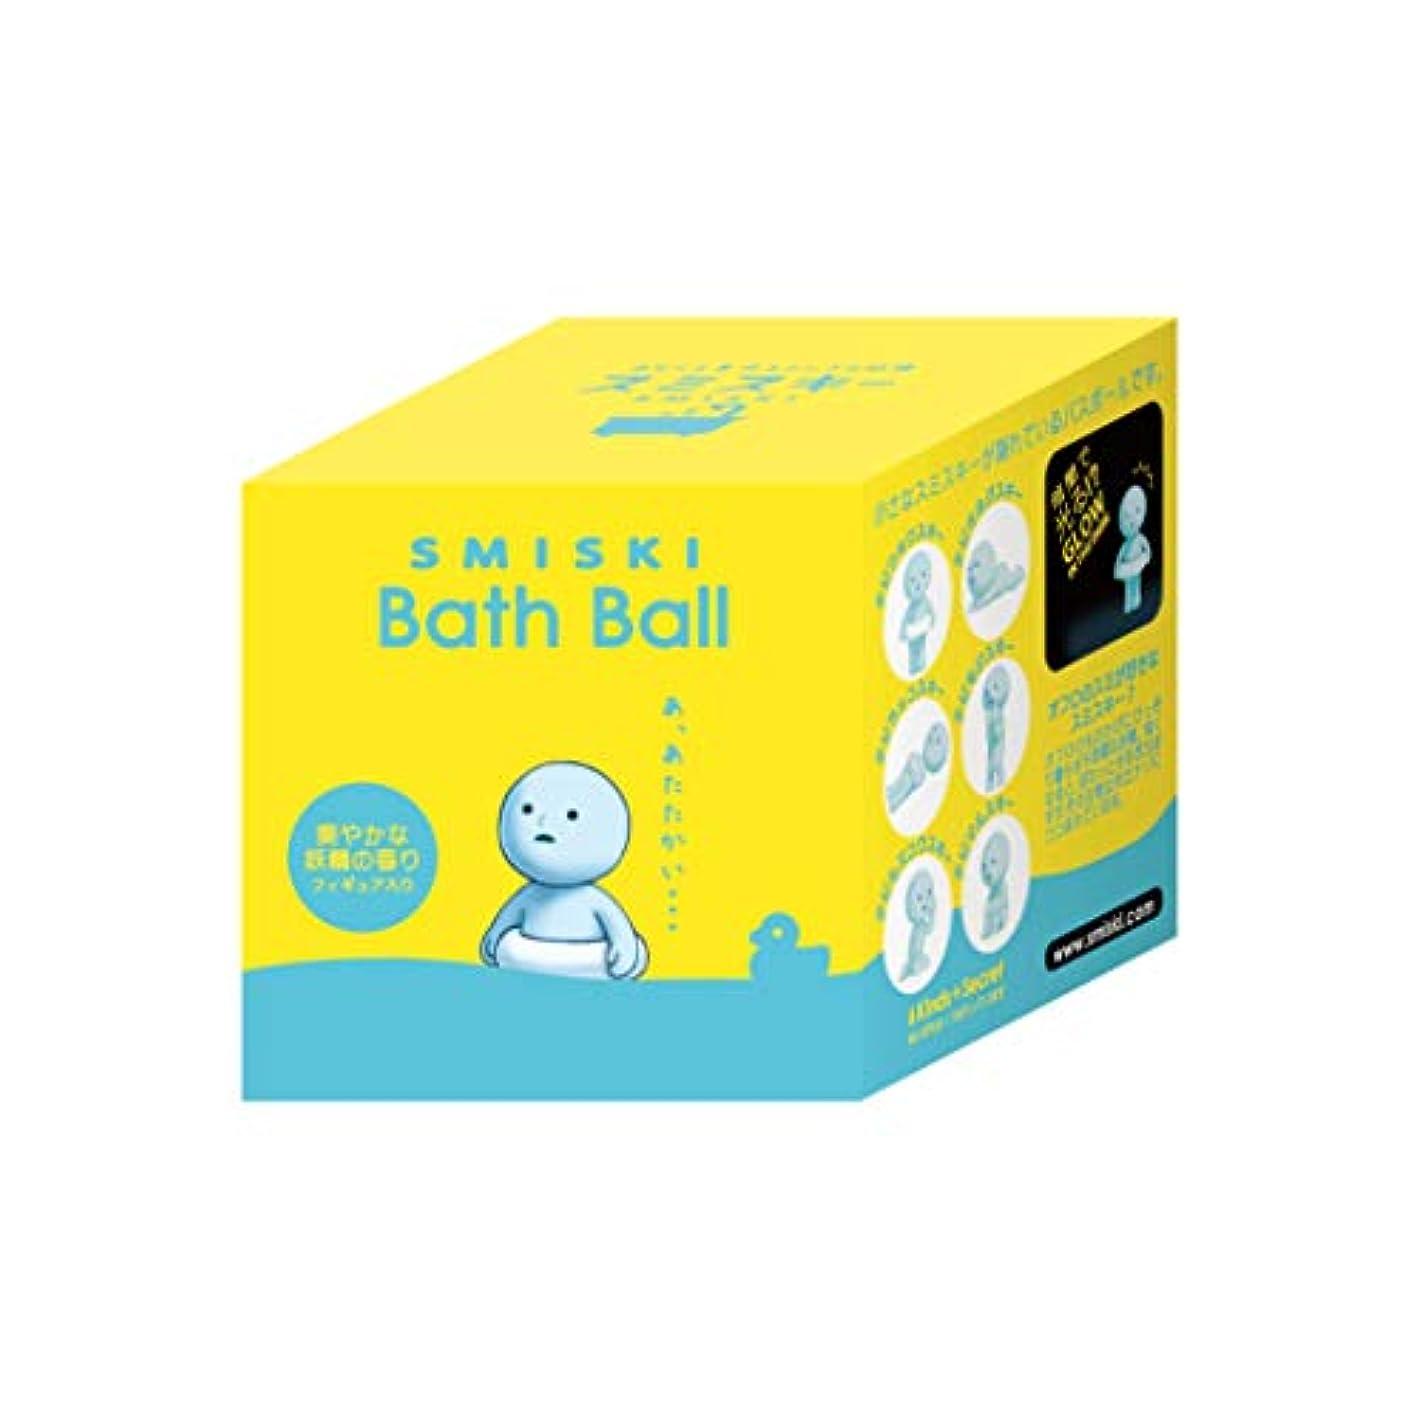 簡潔な新しさ好意的スミスキー 入浴剤 マスコットが飛び出るバスボール【1個】